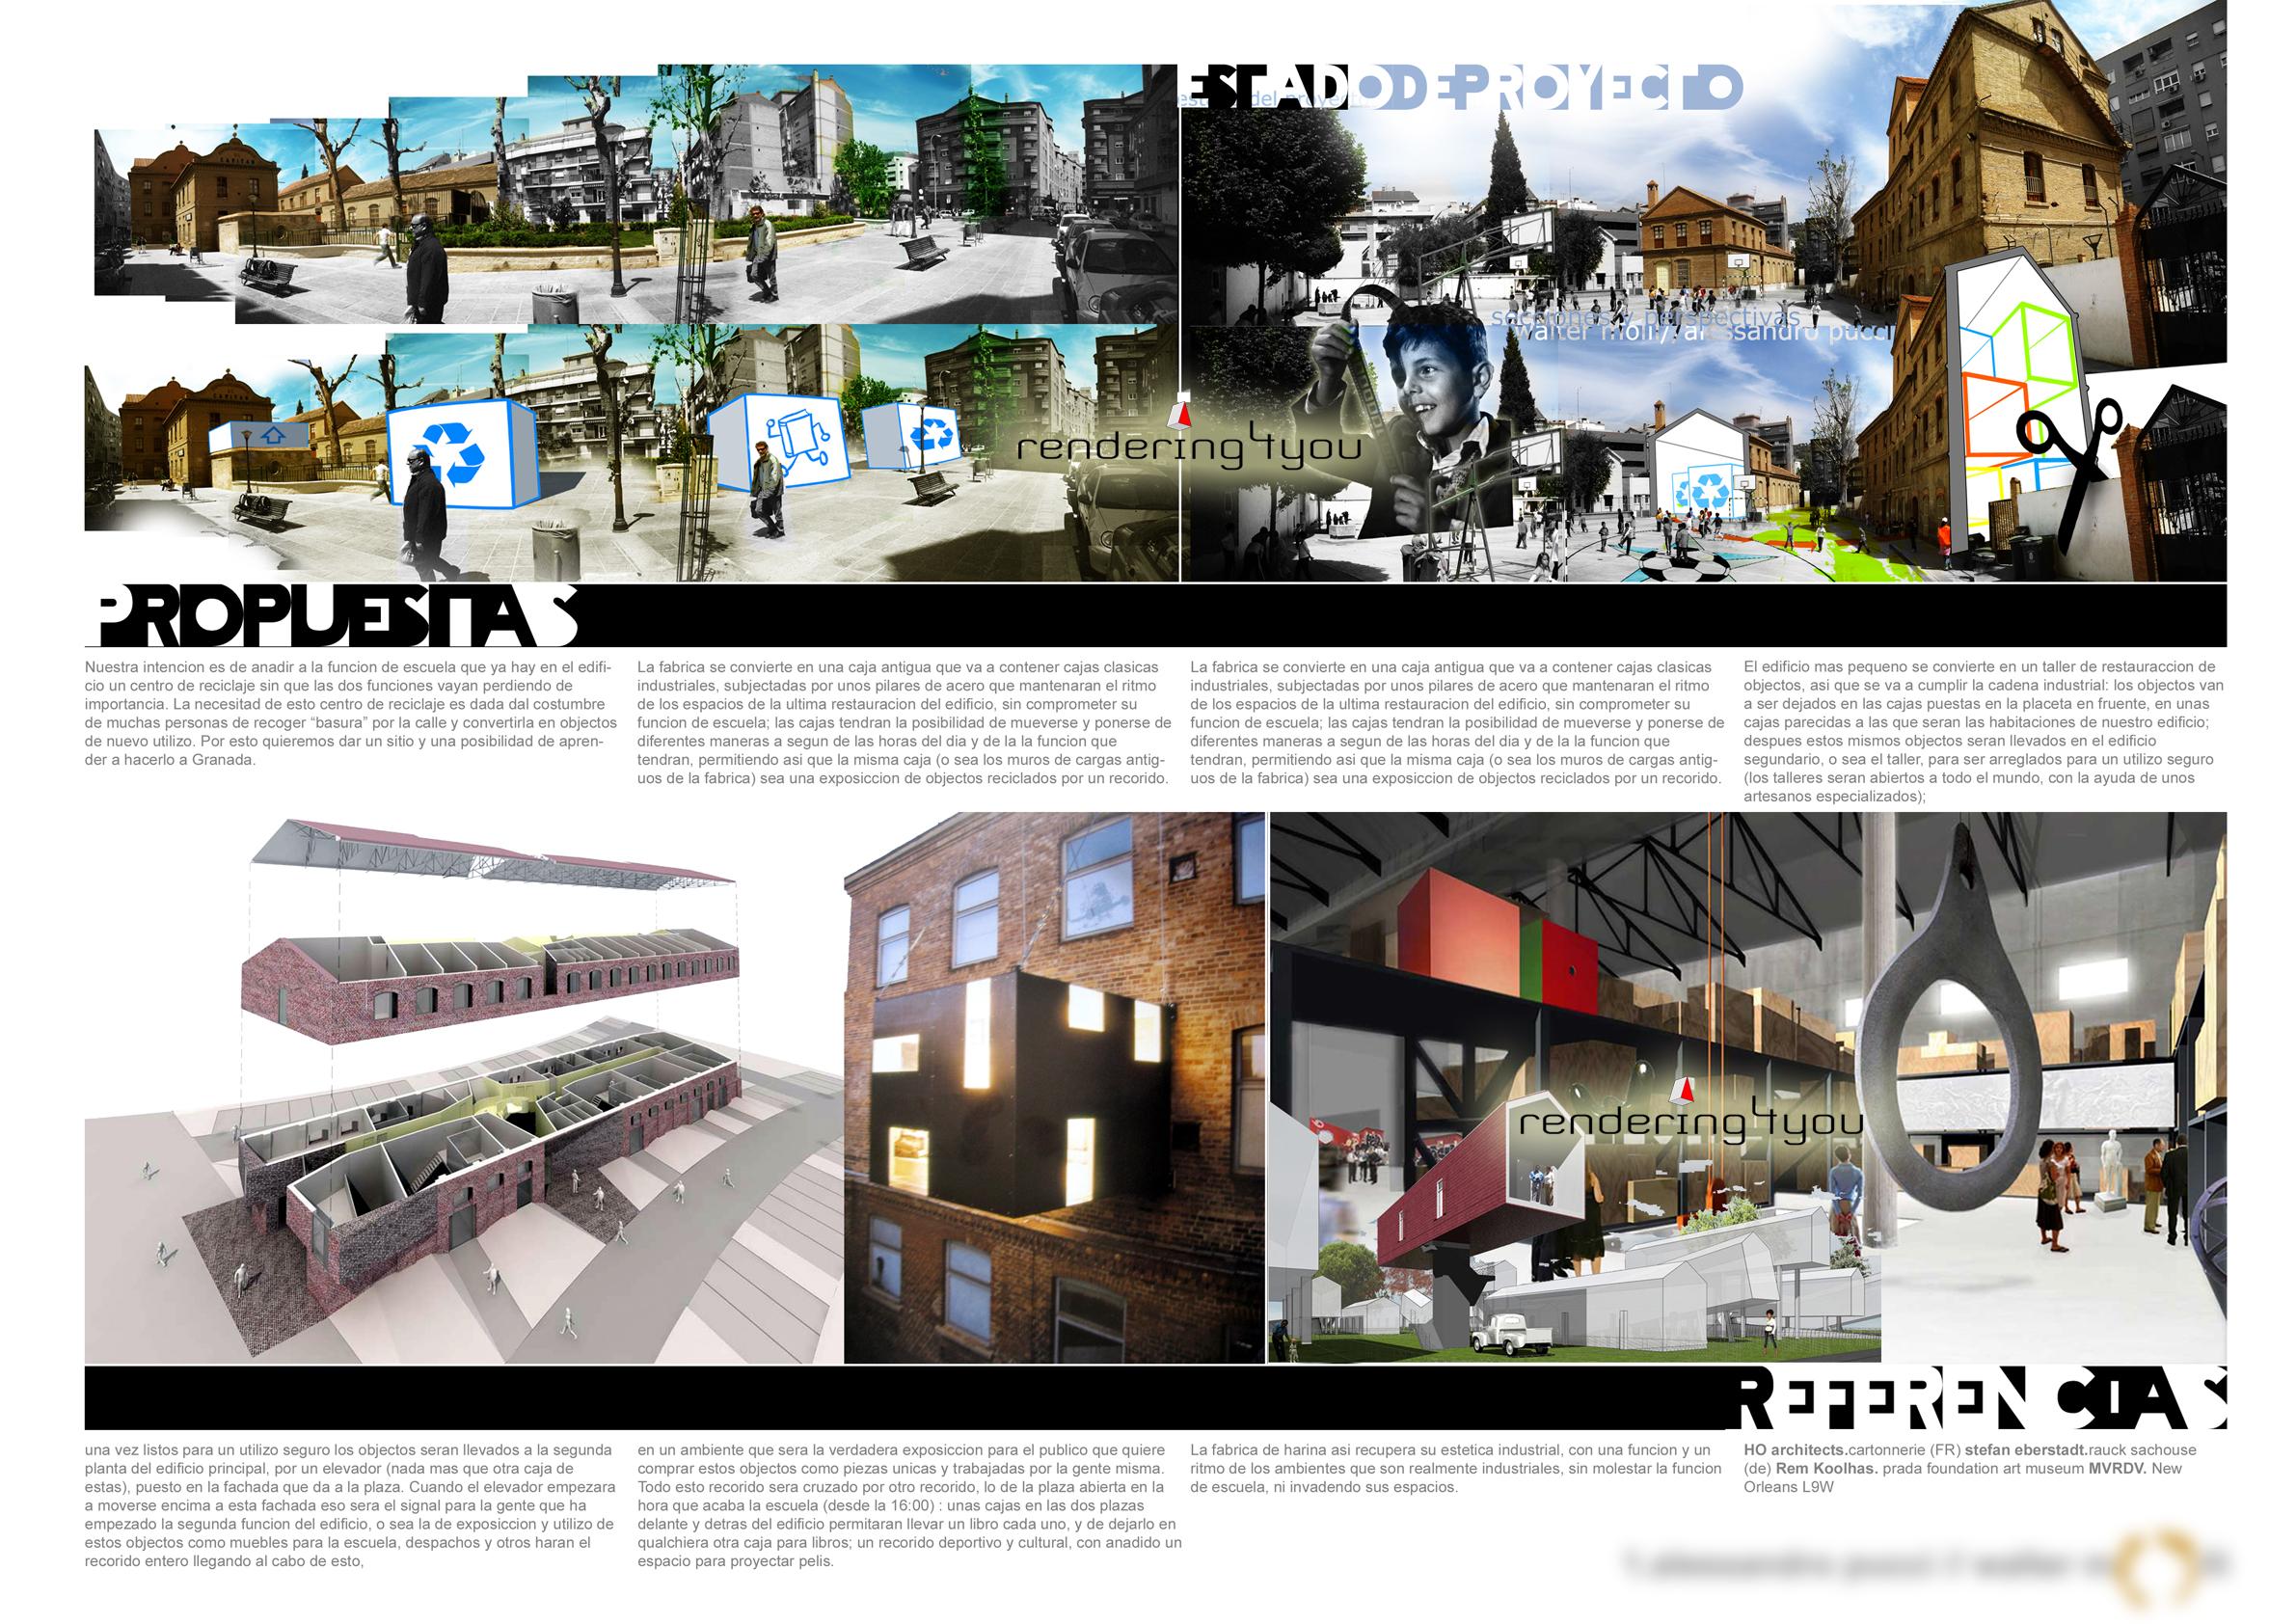 Fotoinserimenti rendering rendering4you for Concorsi di architettura